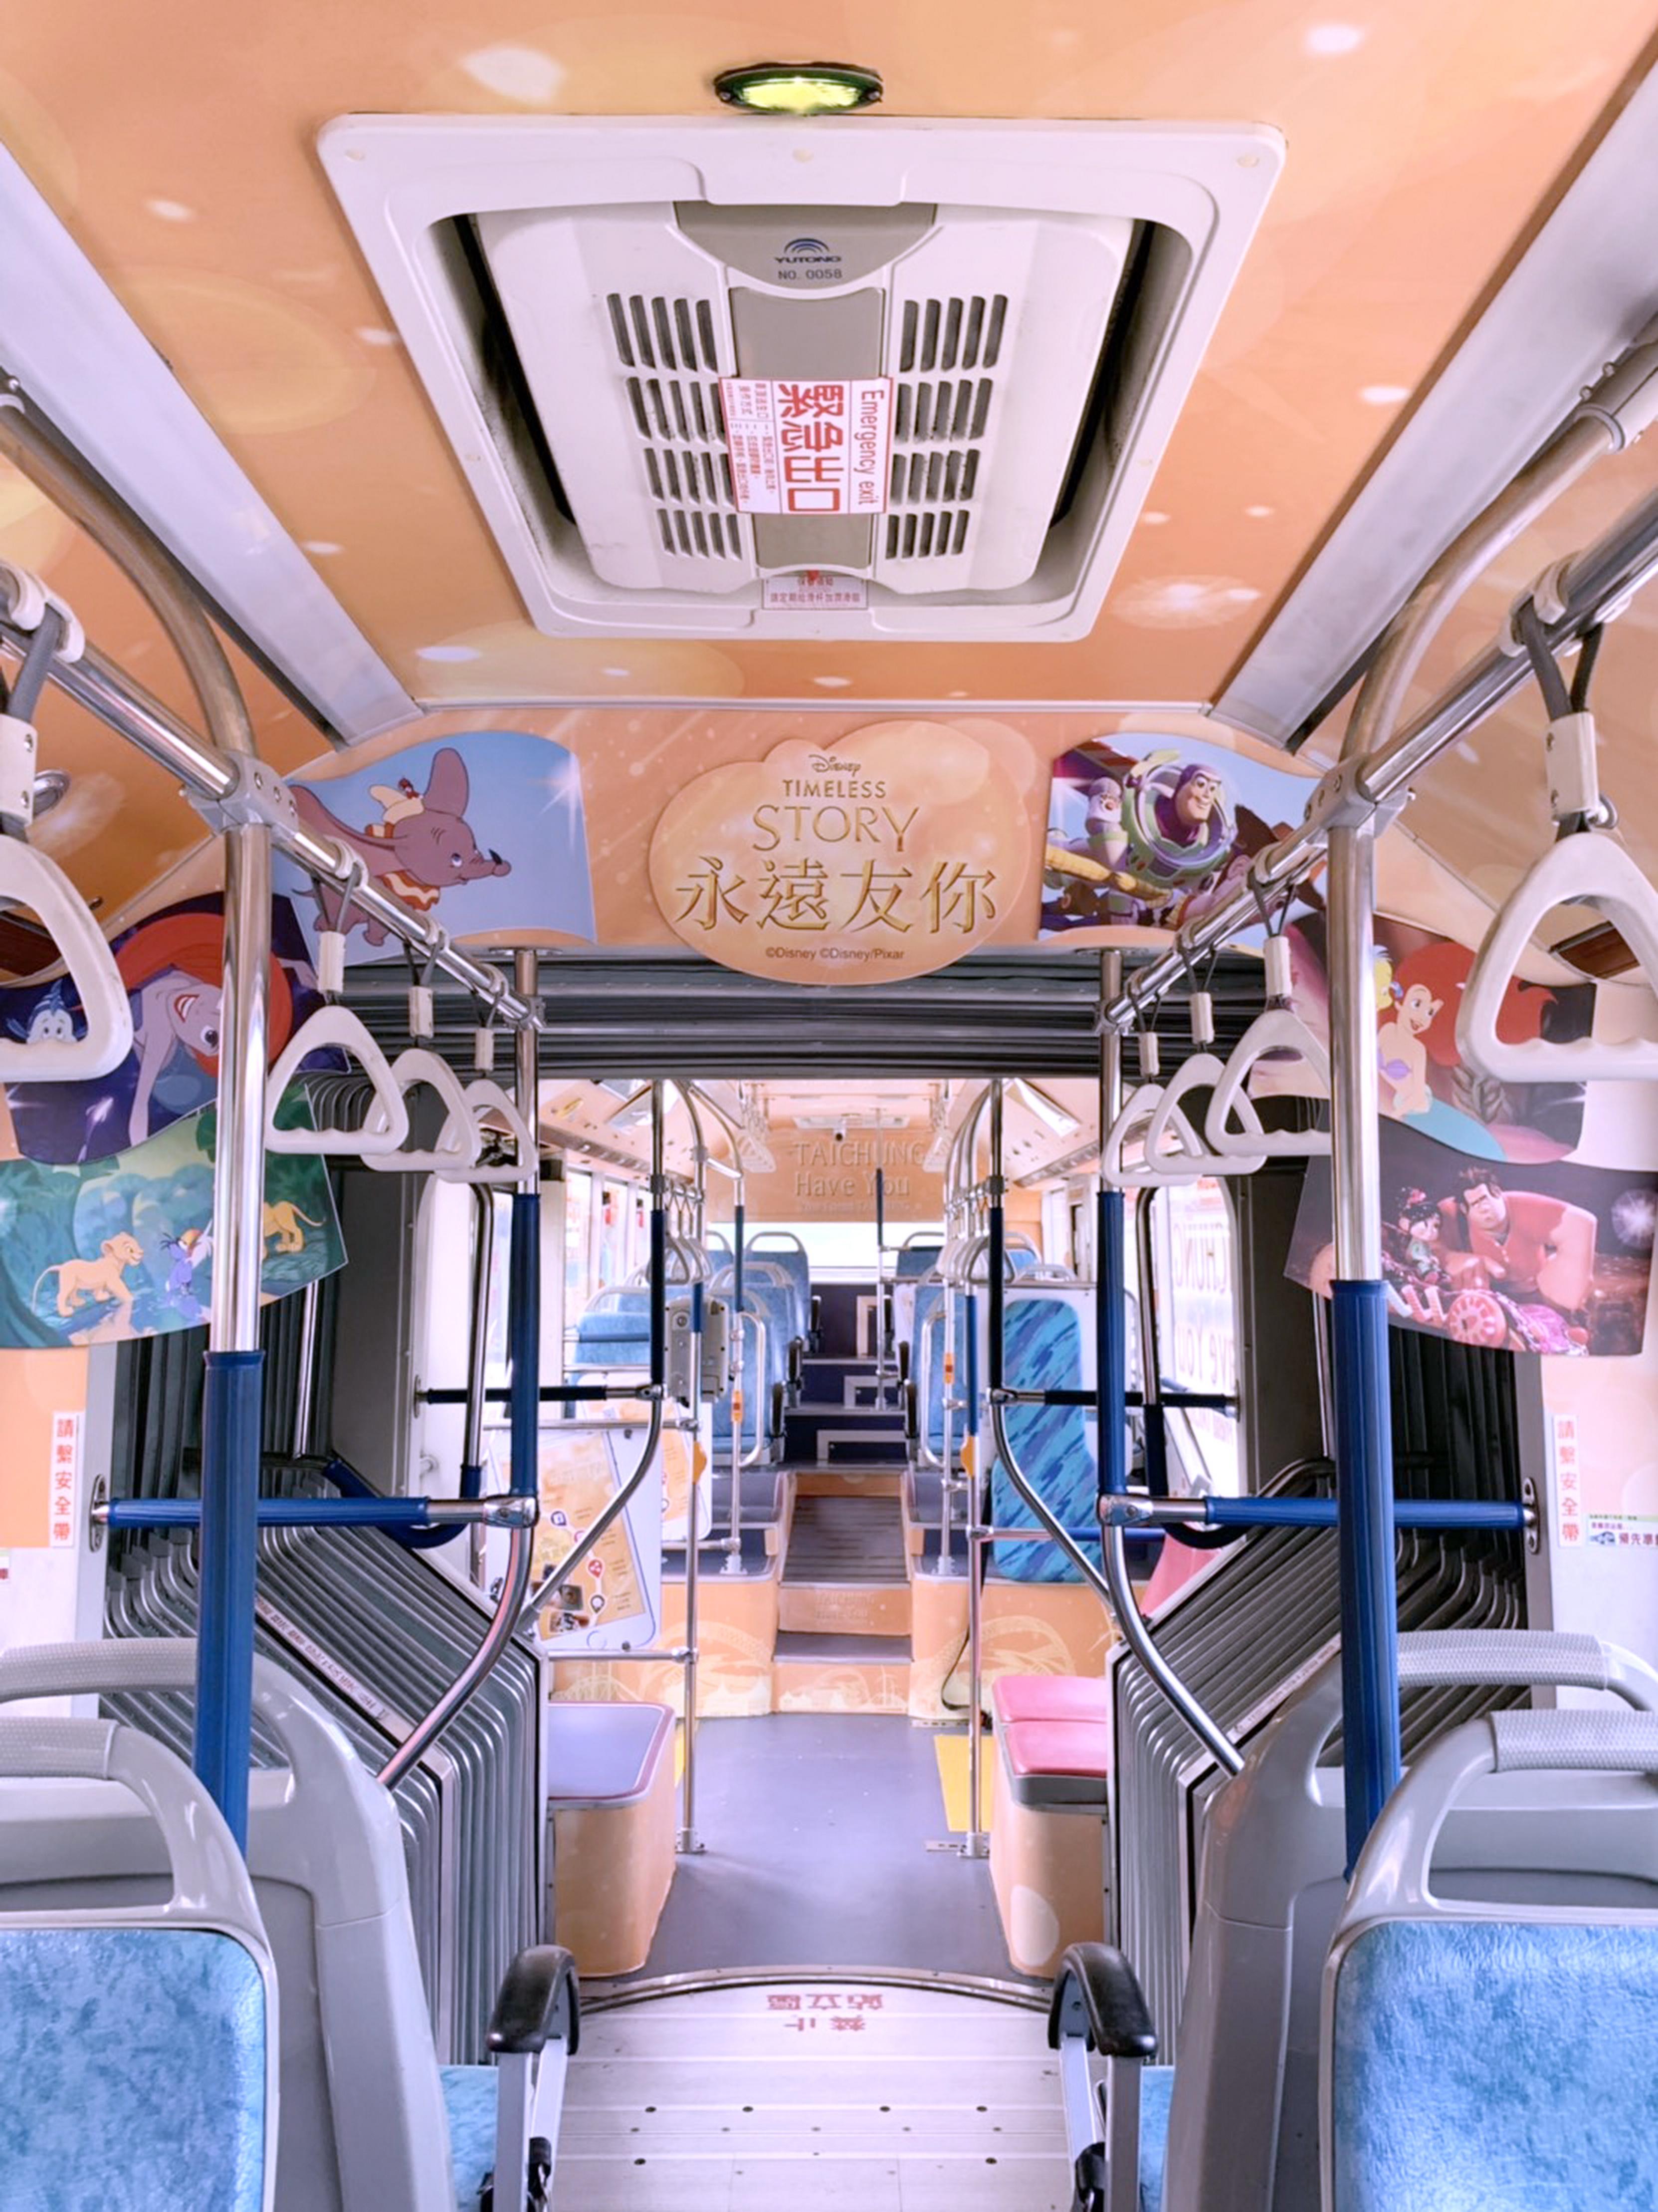 公車連內裝都能看見迪士尼卡通人物的身影。